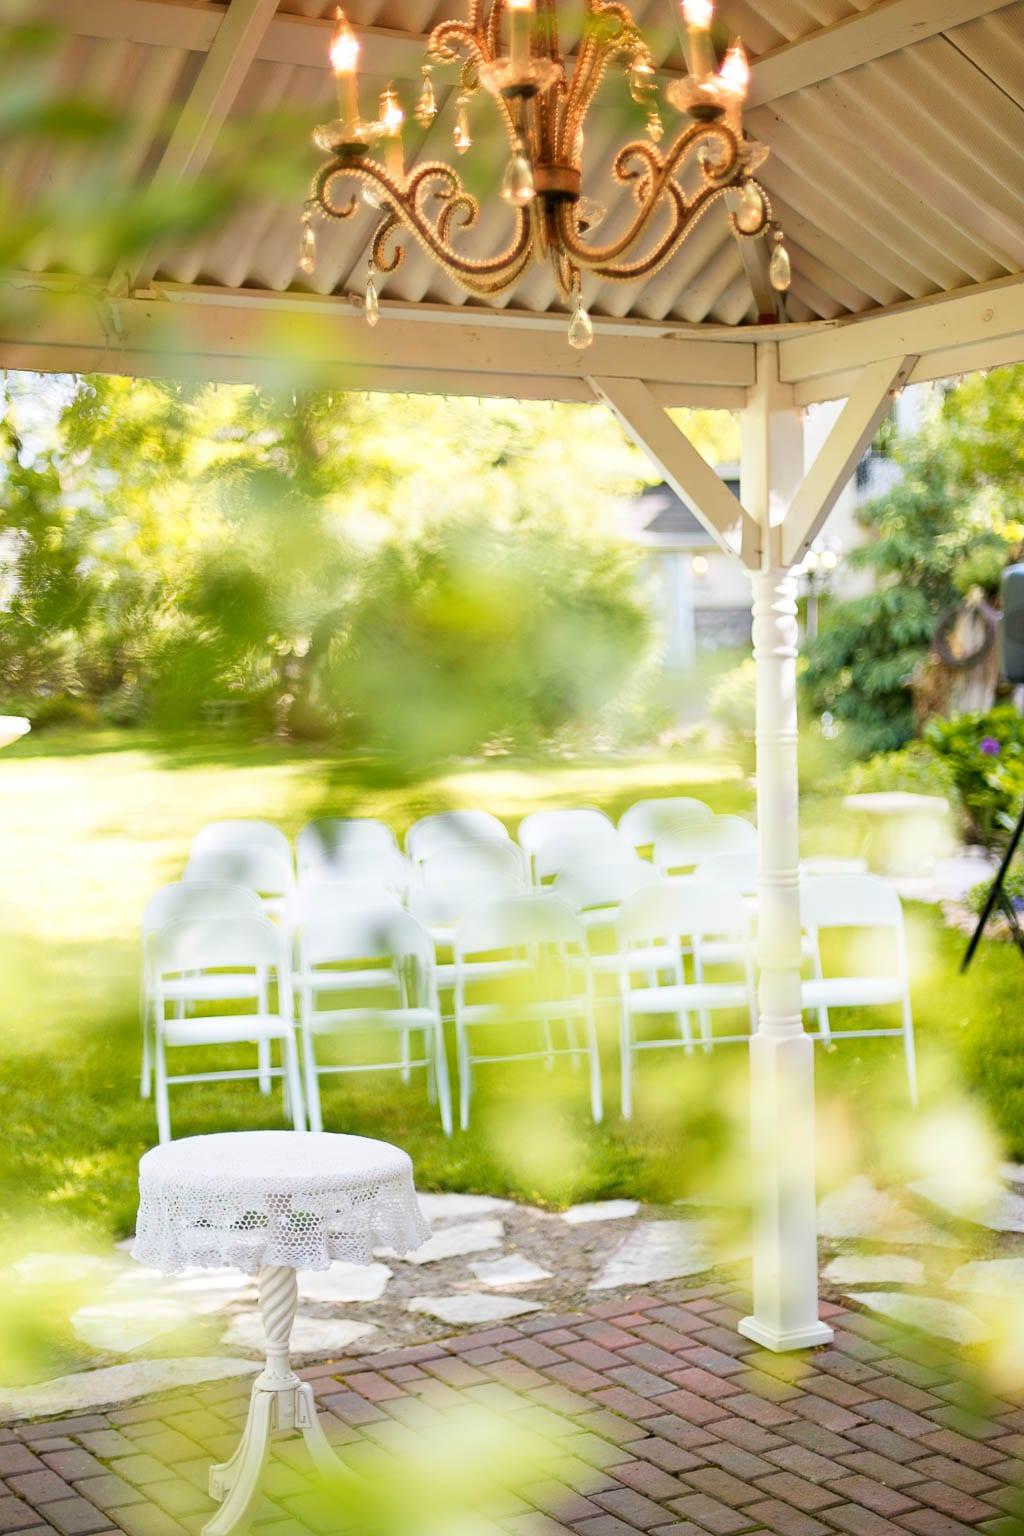 trellis outdoor garden